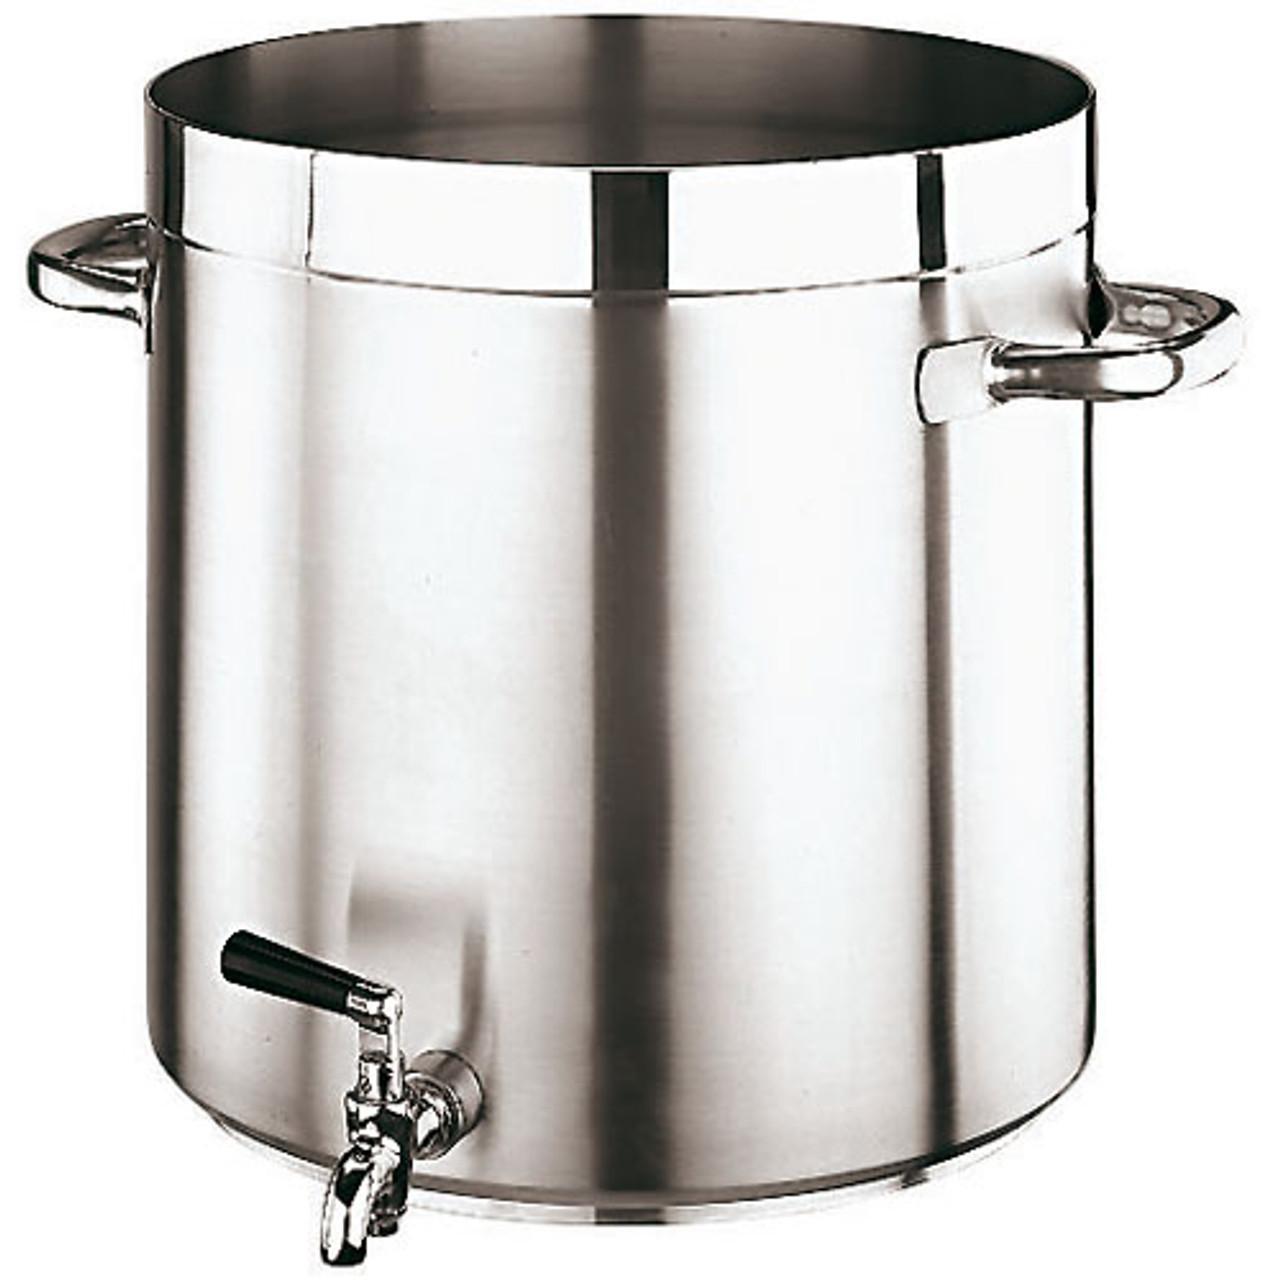 """Gd Gourmet Faucet Stock Pot, DIA 17 3/4""""XH 17 3/4""""  74QT"""